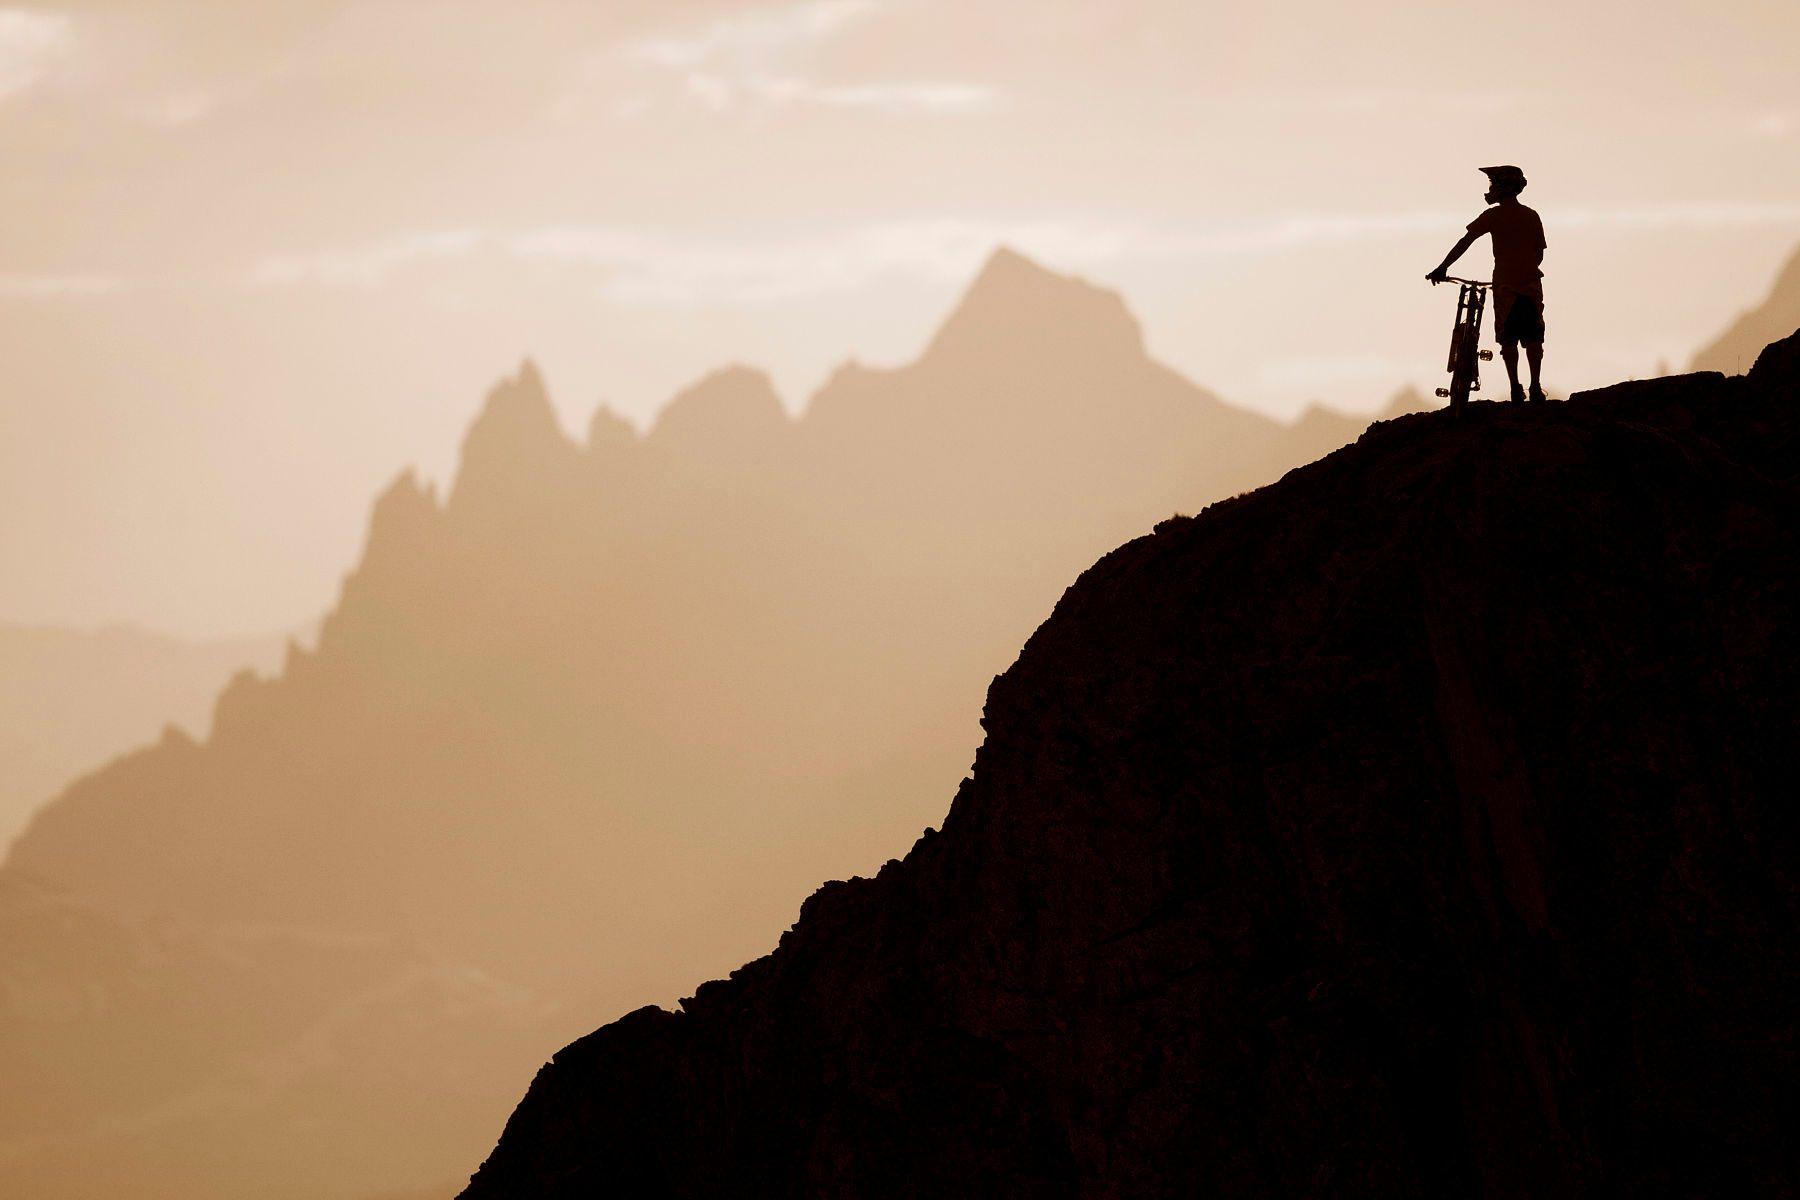 Ian Morrison riding on Whistler Mountain